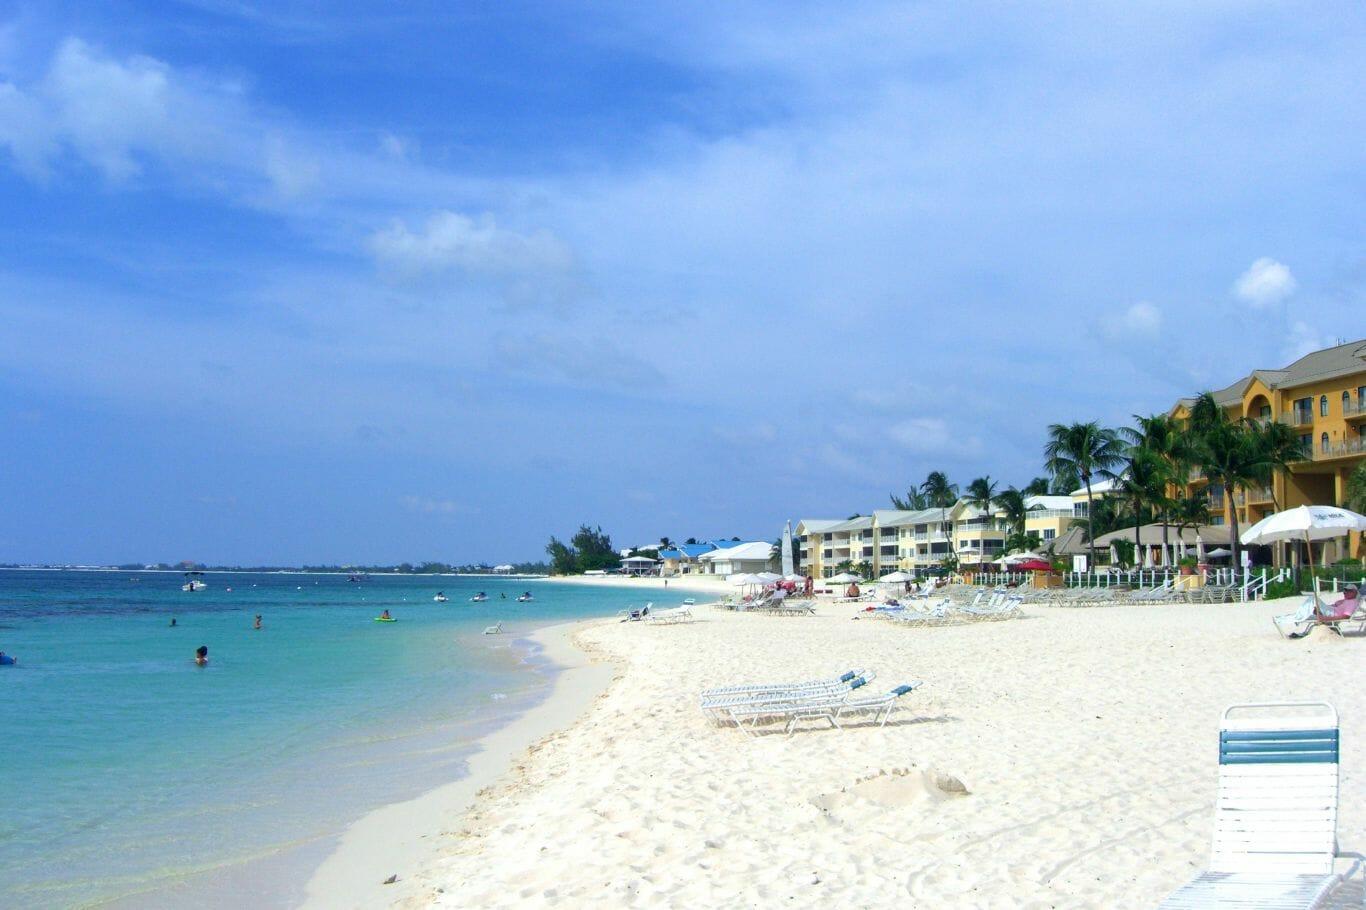 Tem vários bares ao longo da praia e com preços diversos